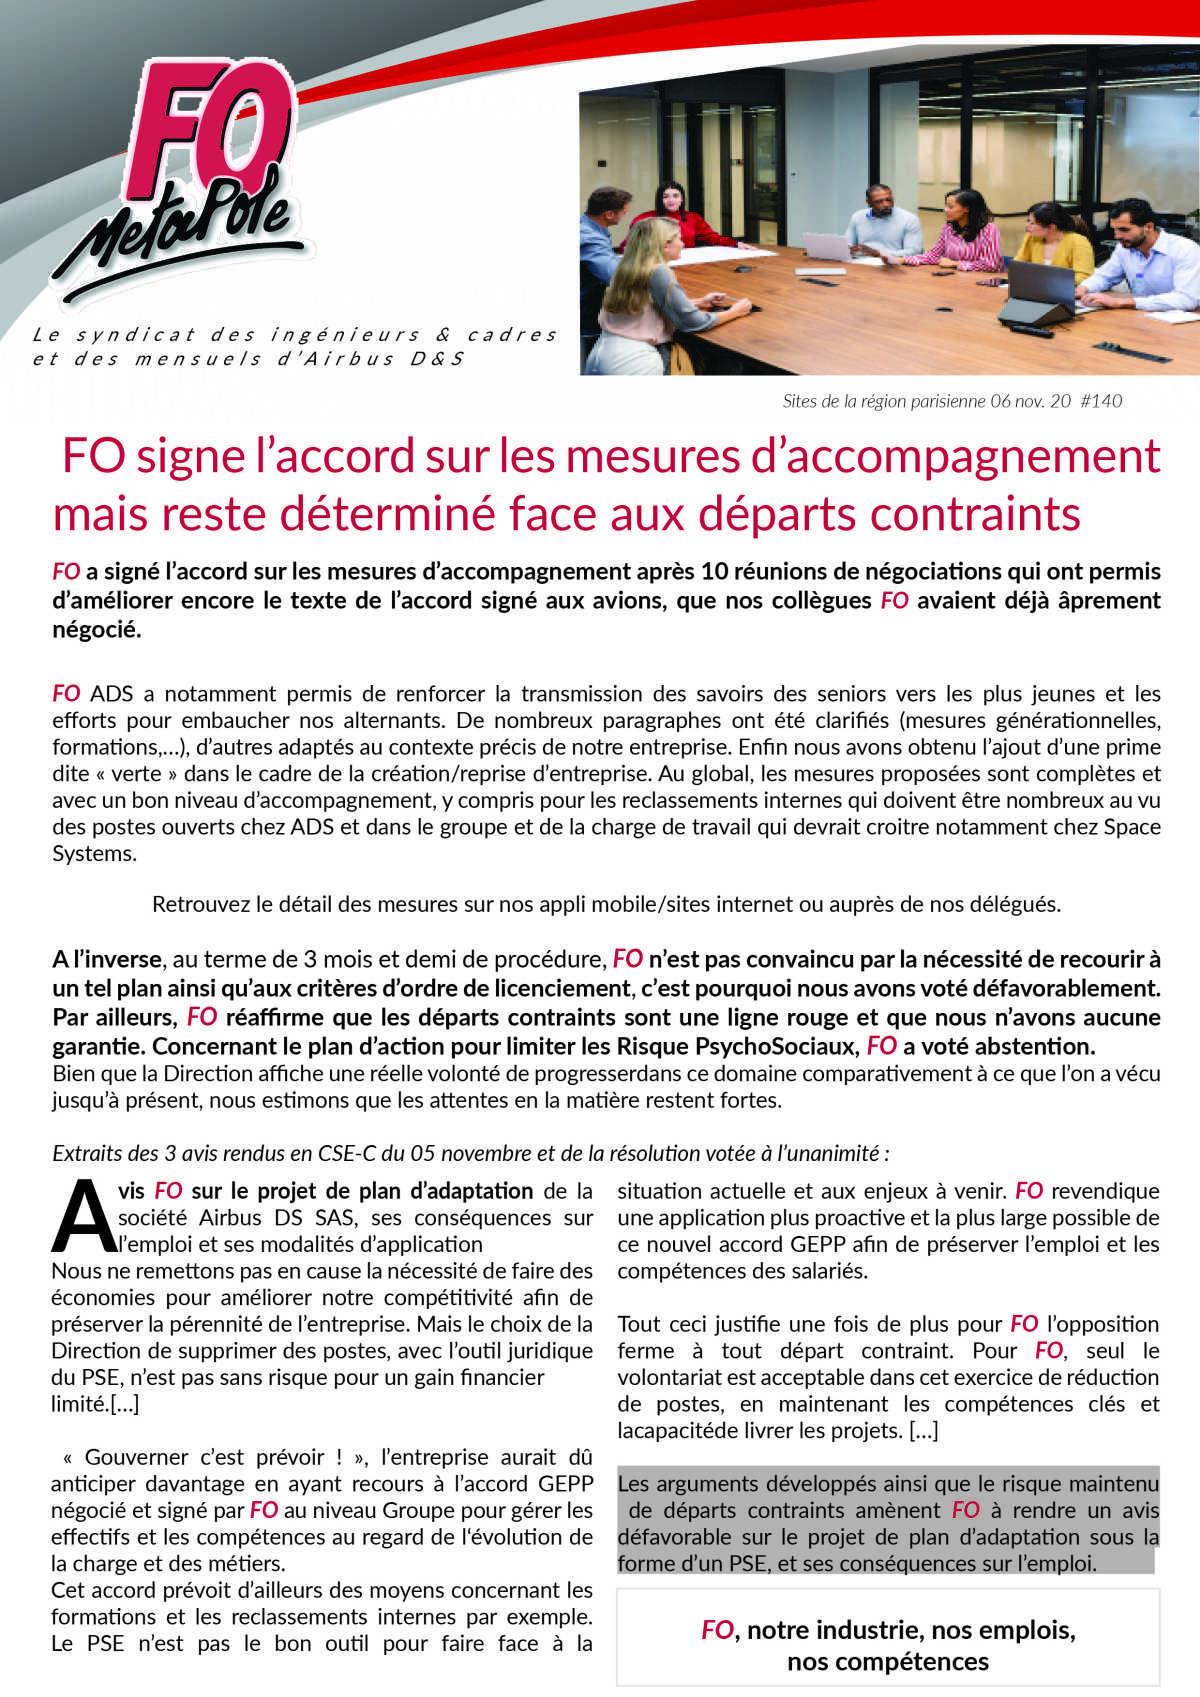 FO signe l'accord sur les mesures d'accompagnement mais reste déterminé face aux départs contraints